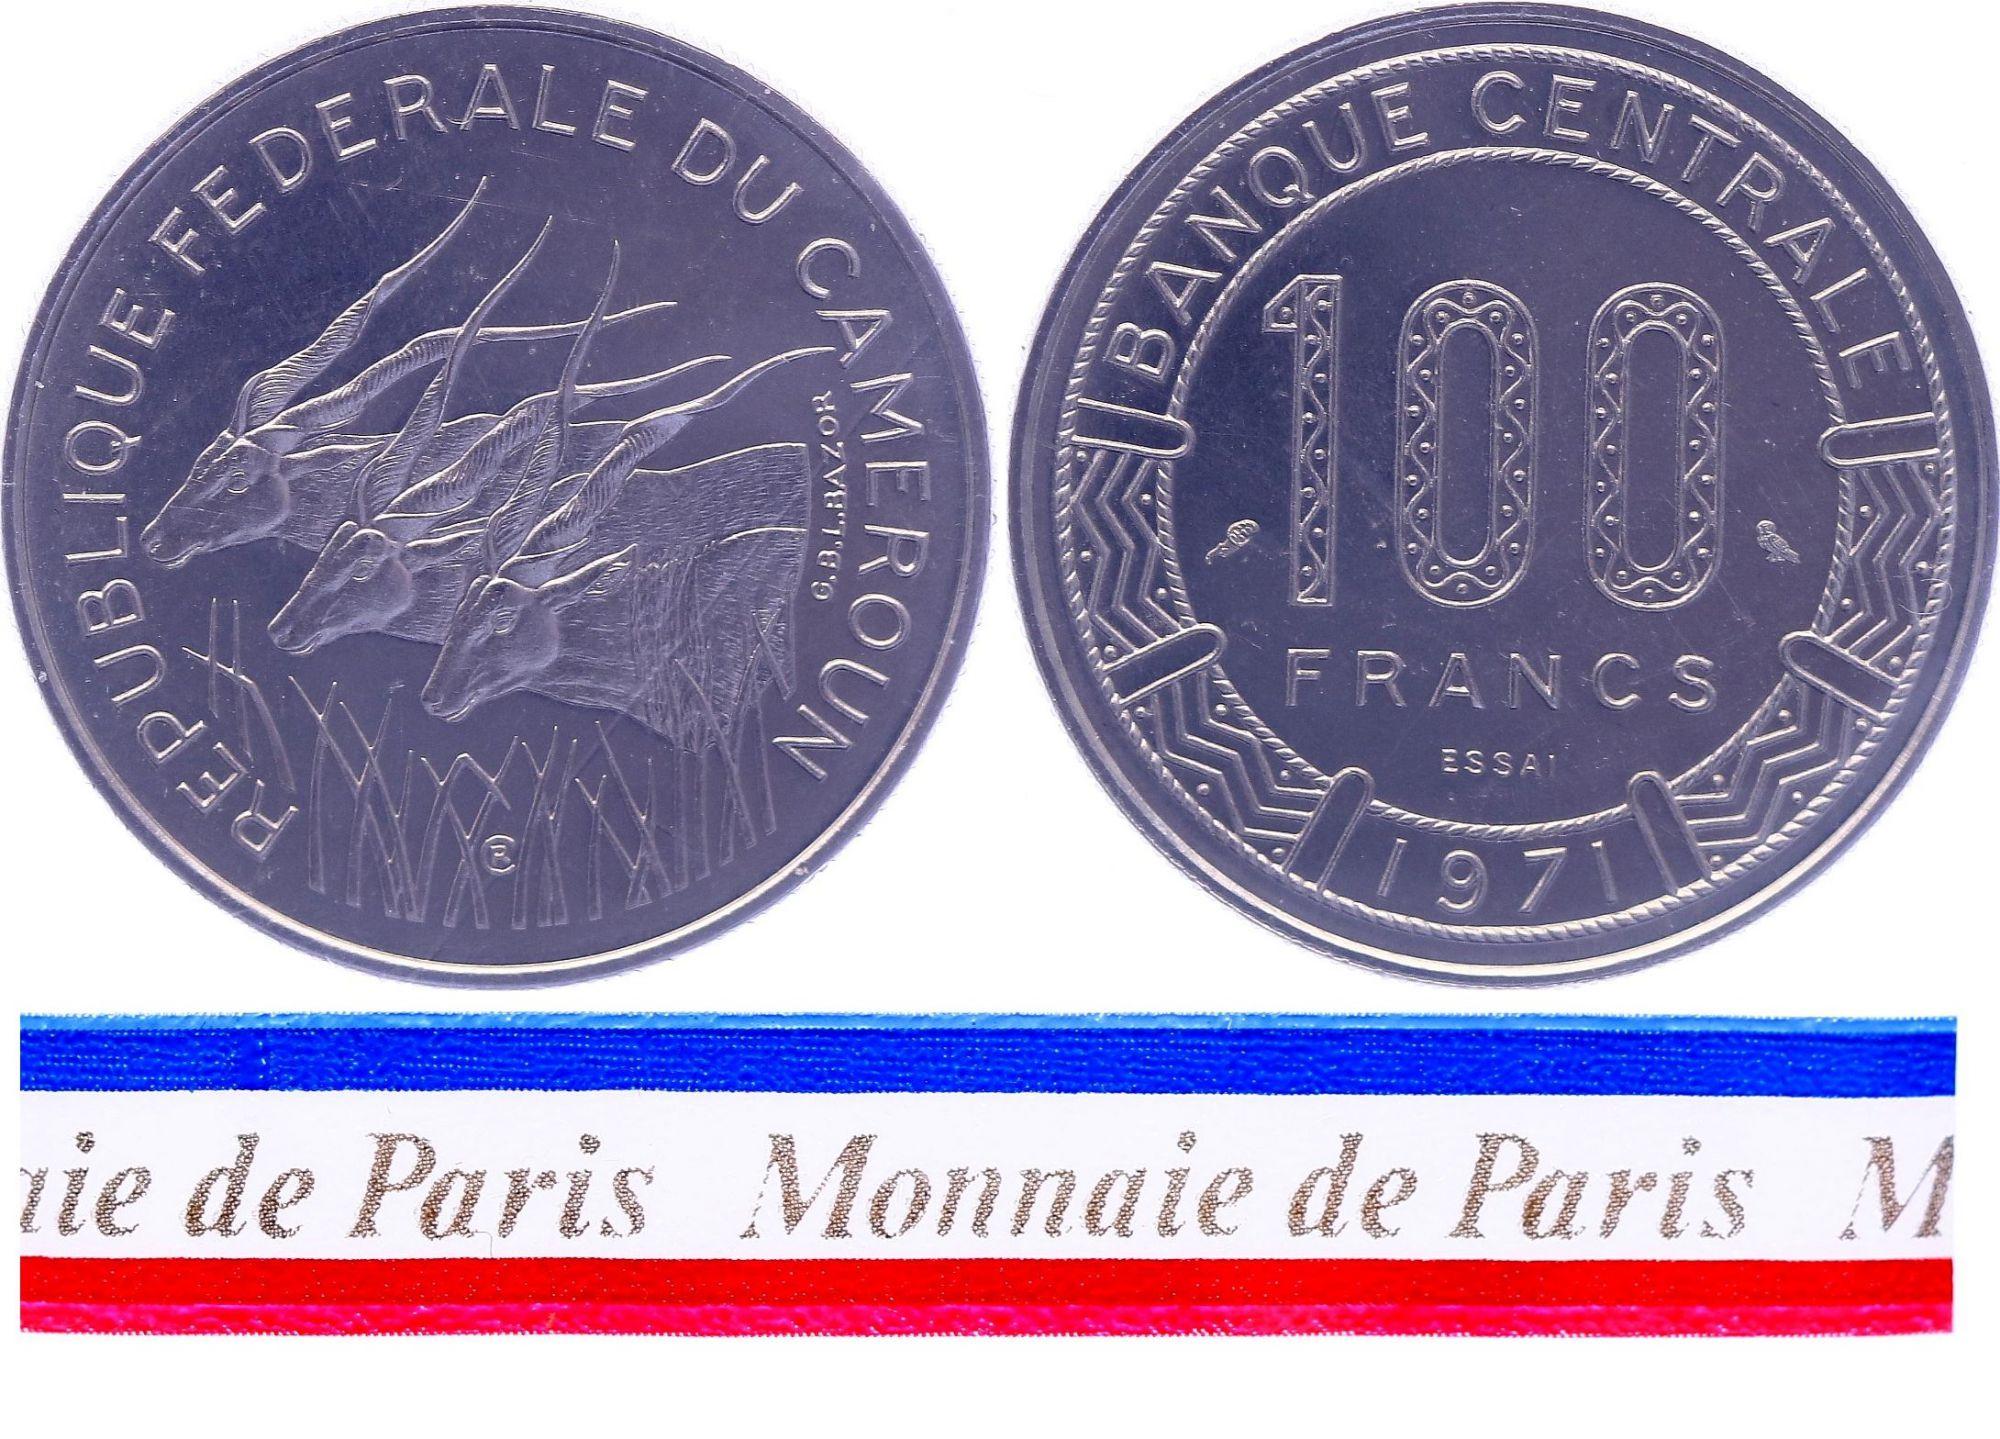 Cameroun 100 Francs - 1971 - Essai